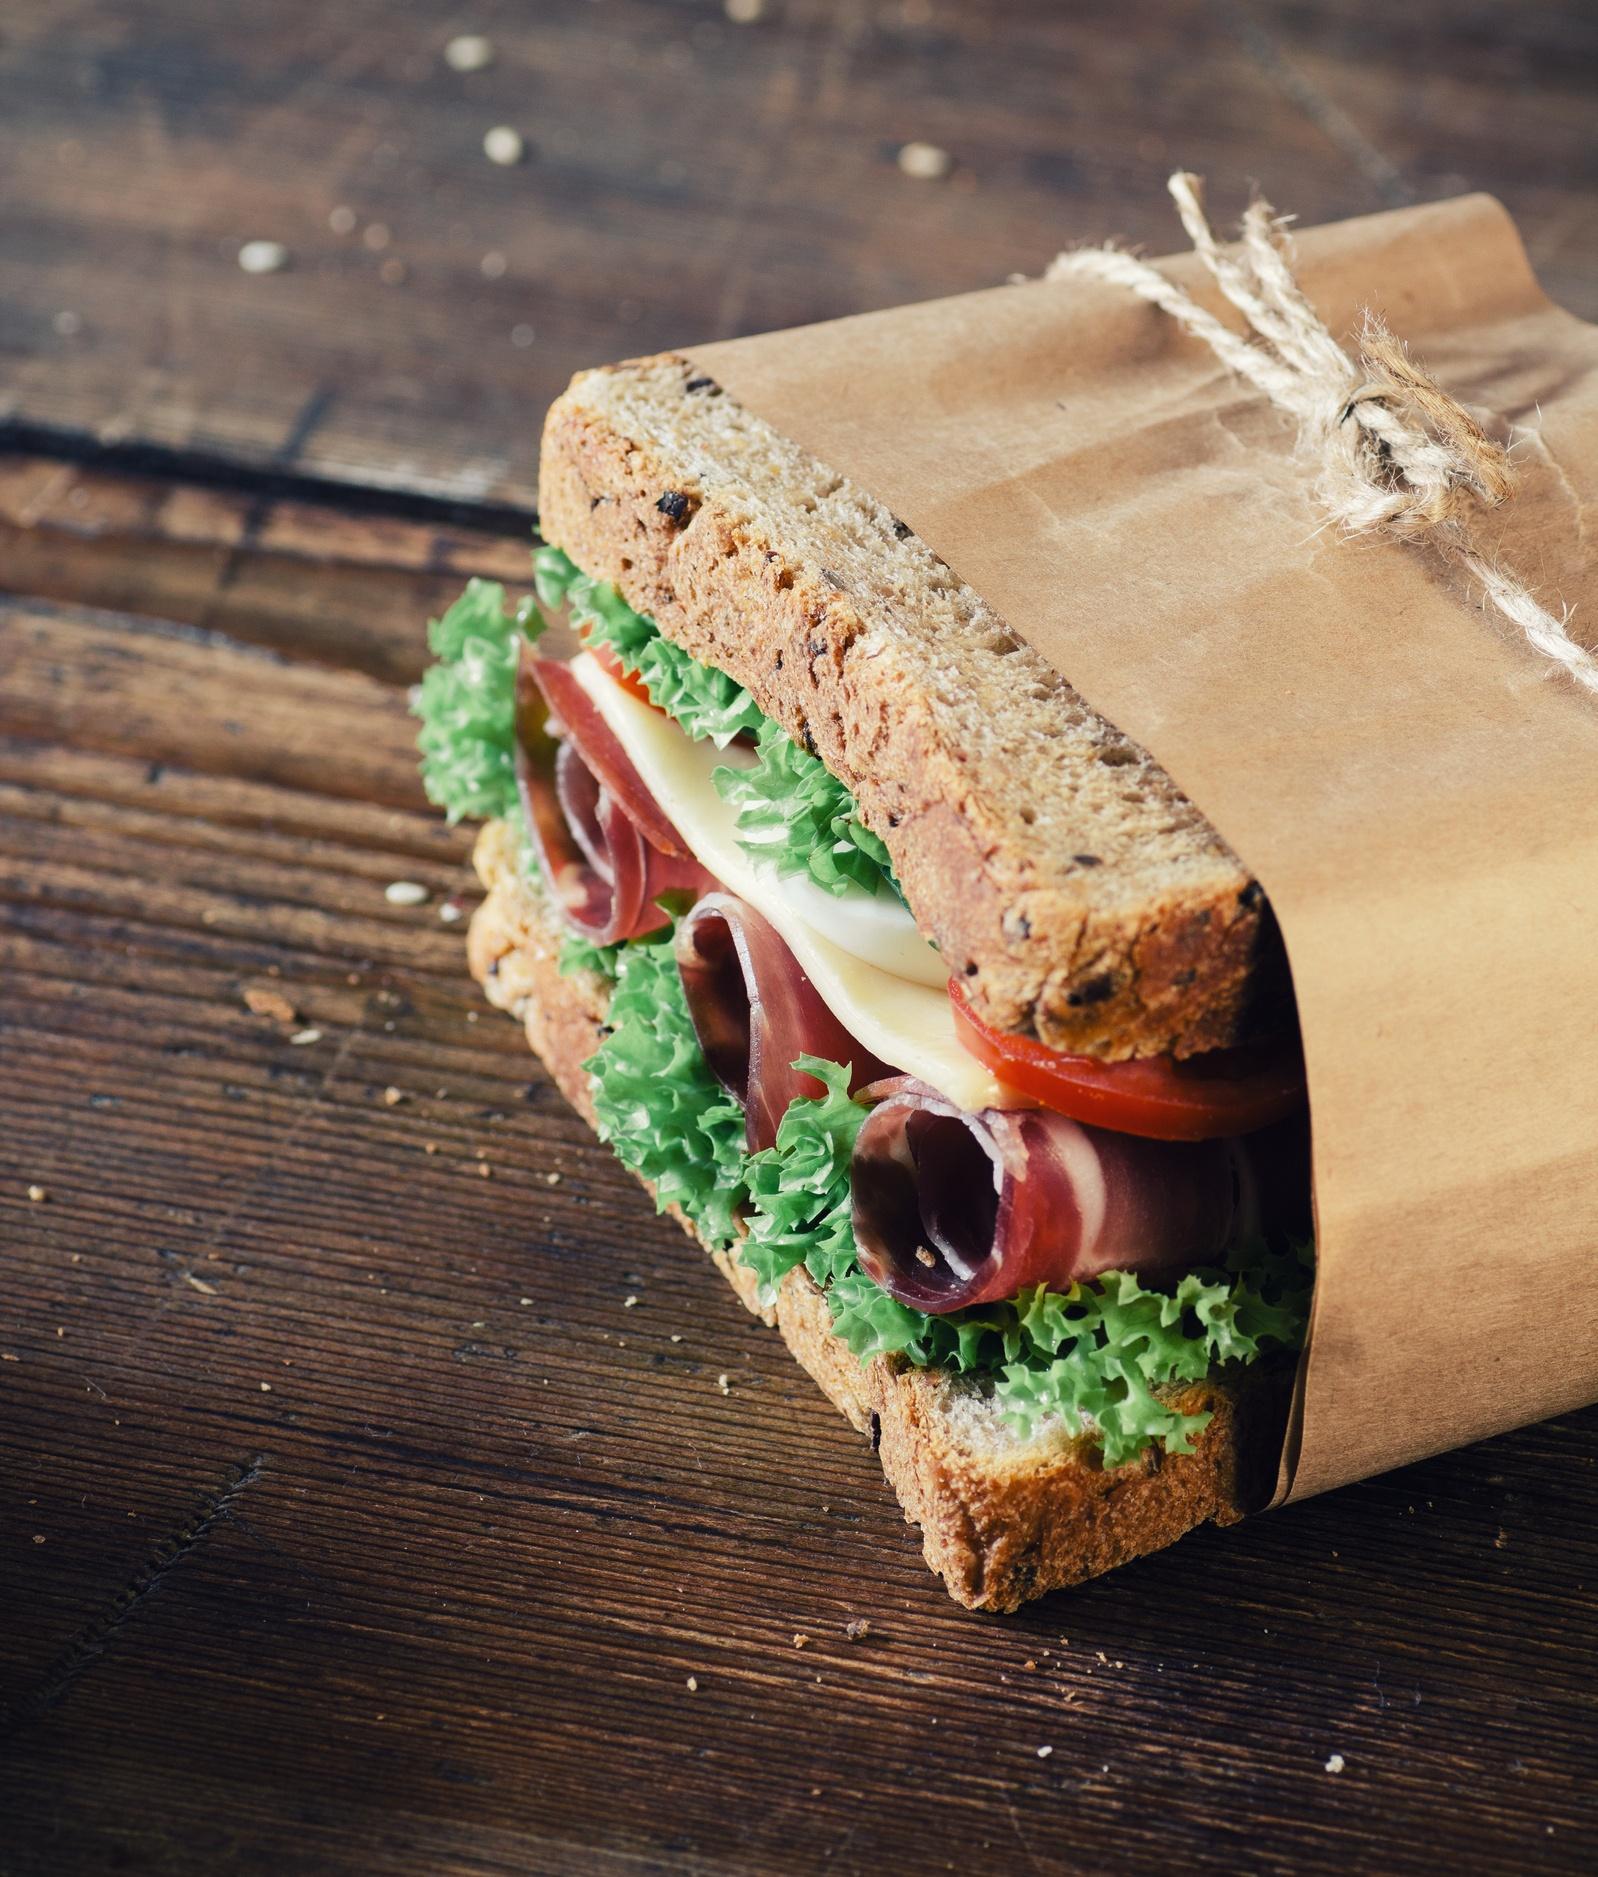 Sandwich Shop + Cook Portable Warehouses